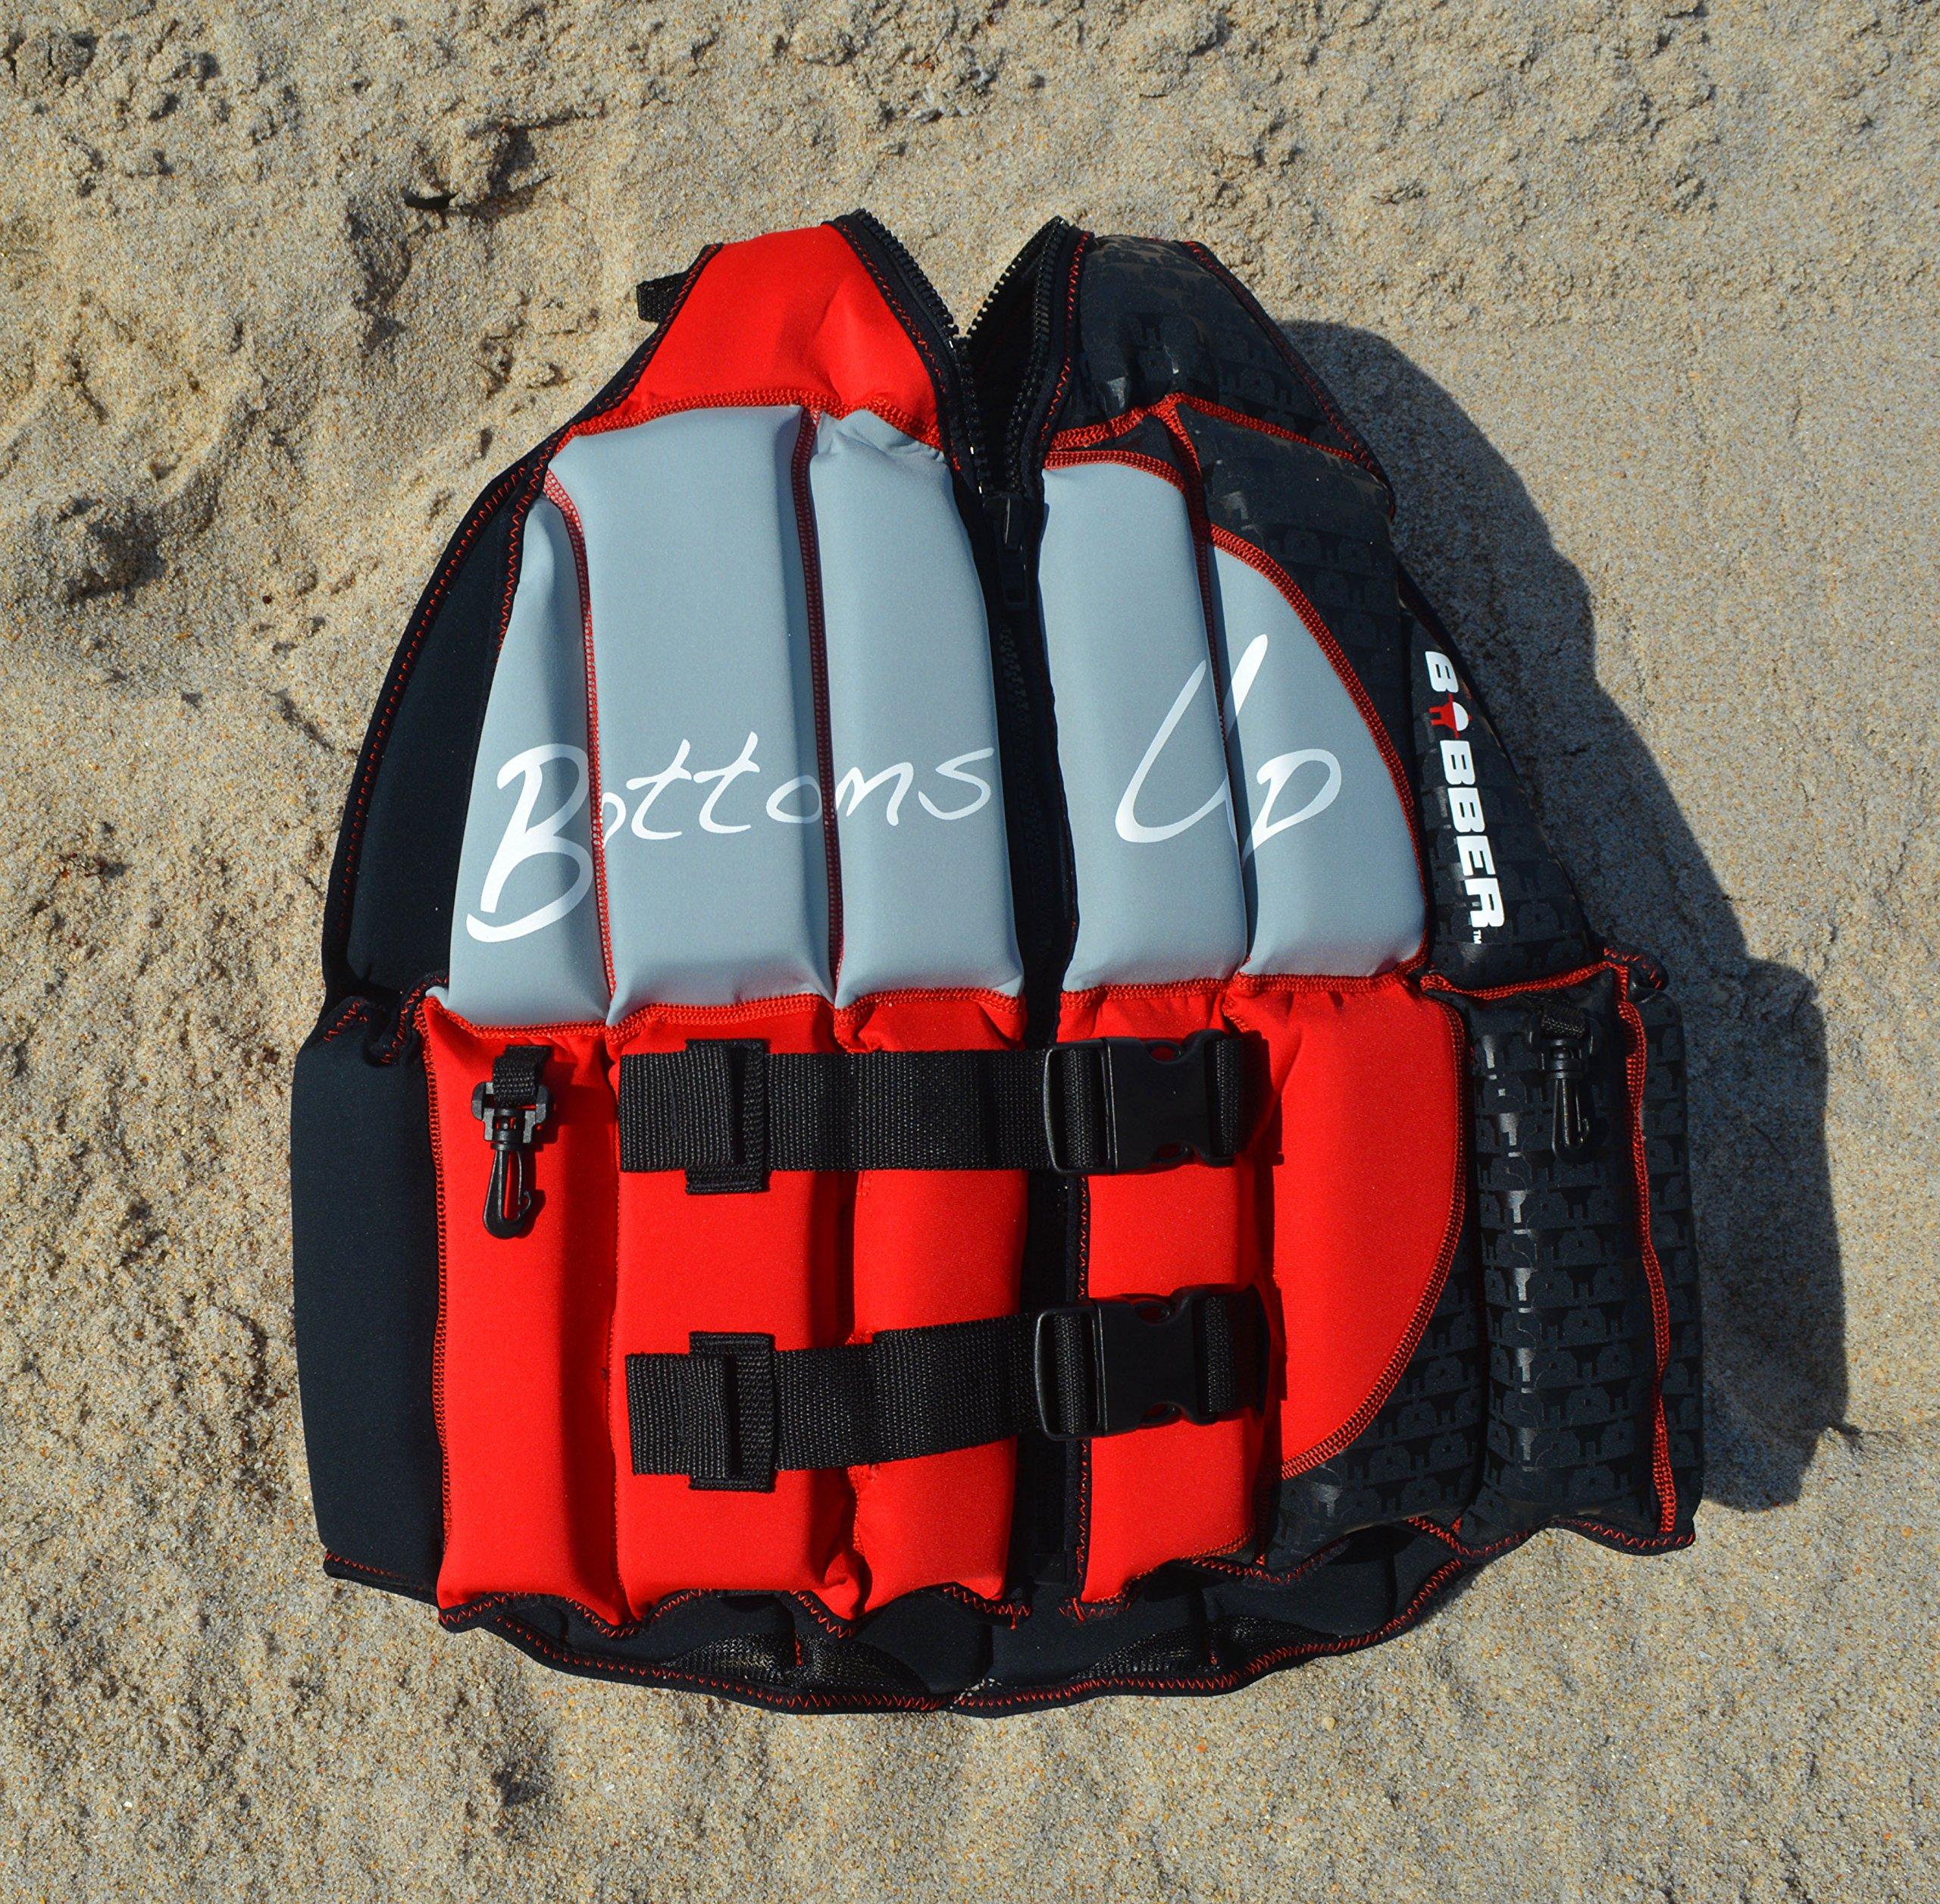 Human Bobber Bottoms Up Life Jacket – Human Life Vest ...